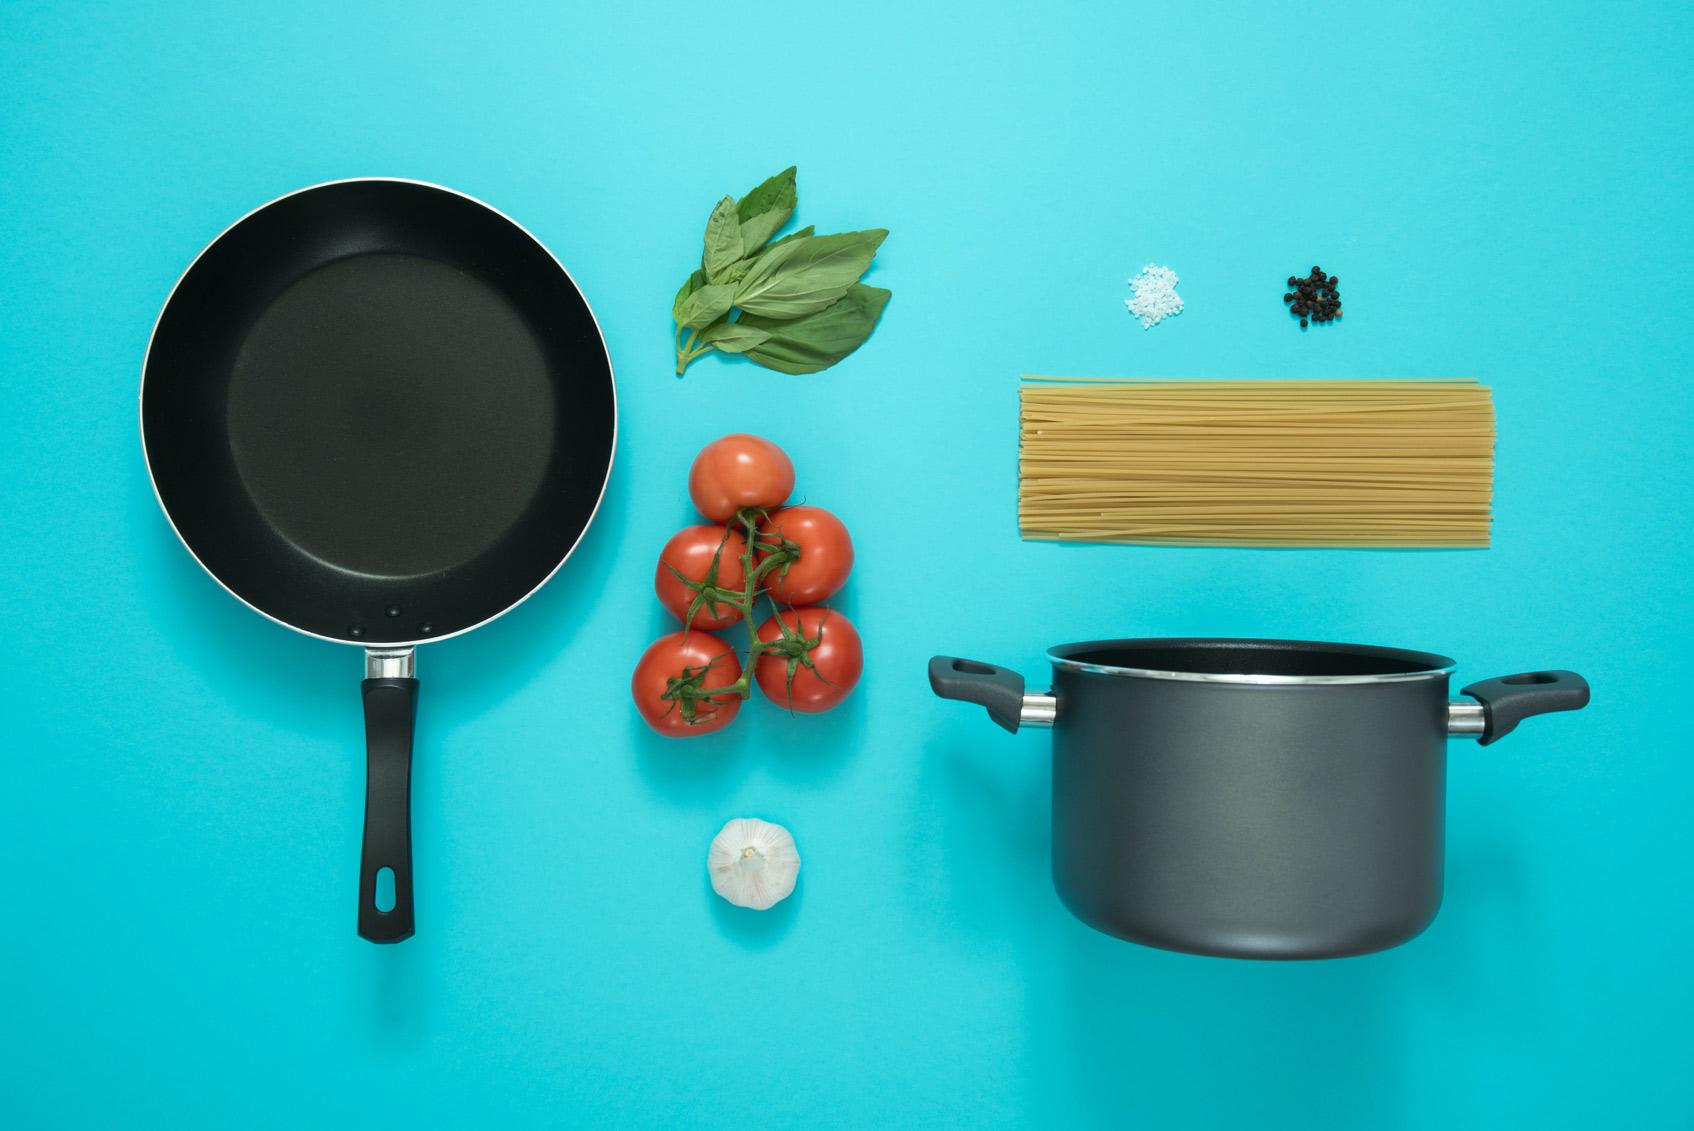 как научиться готовить с нуля